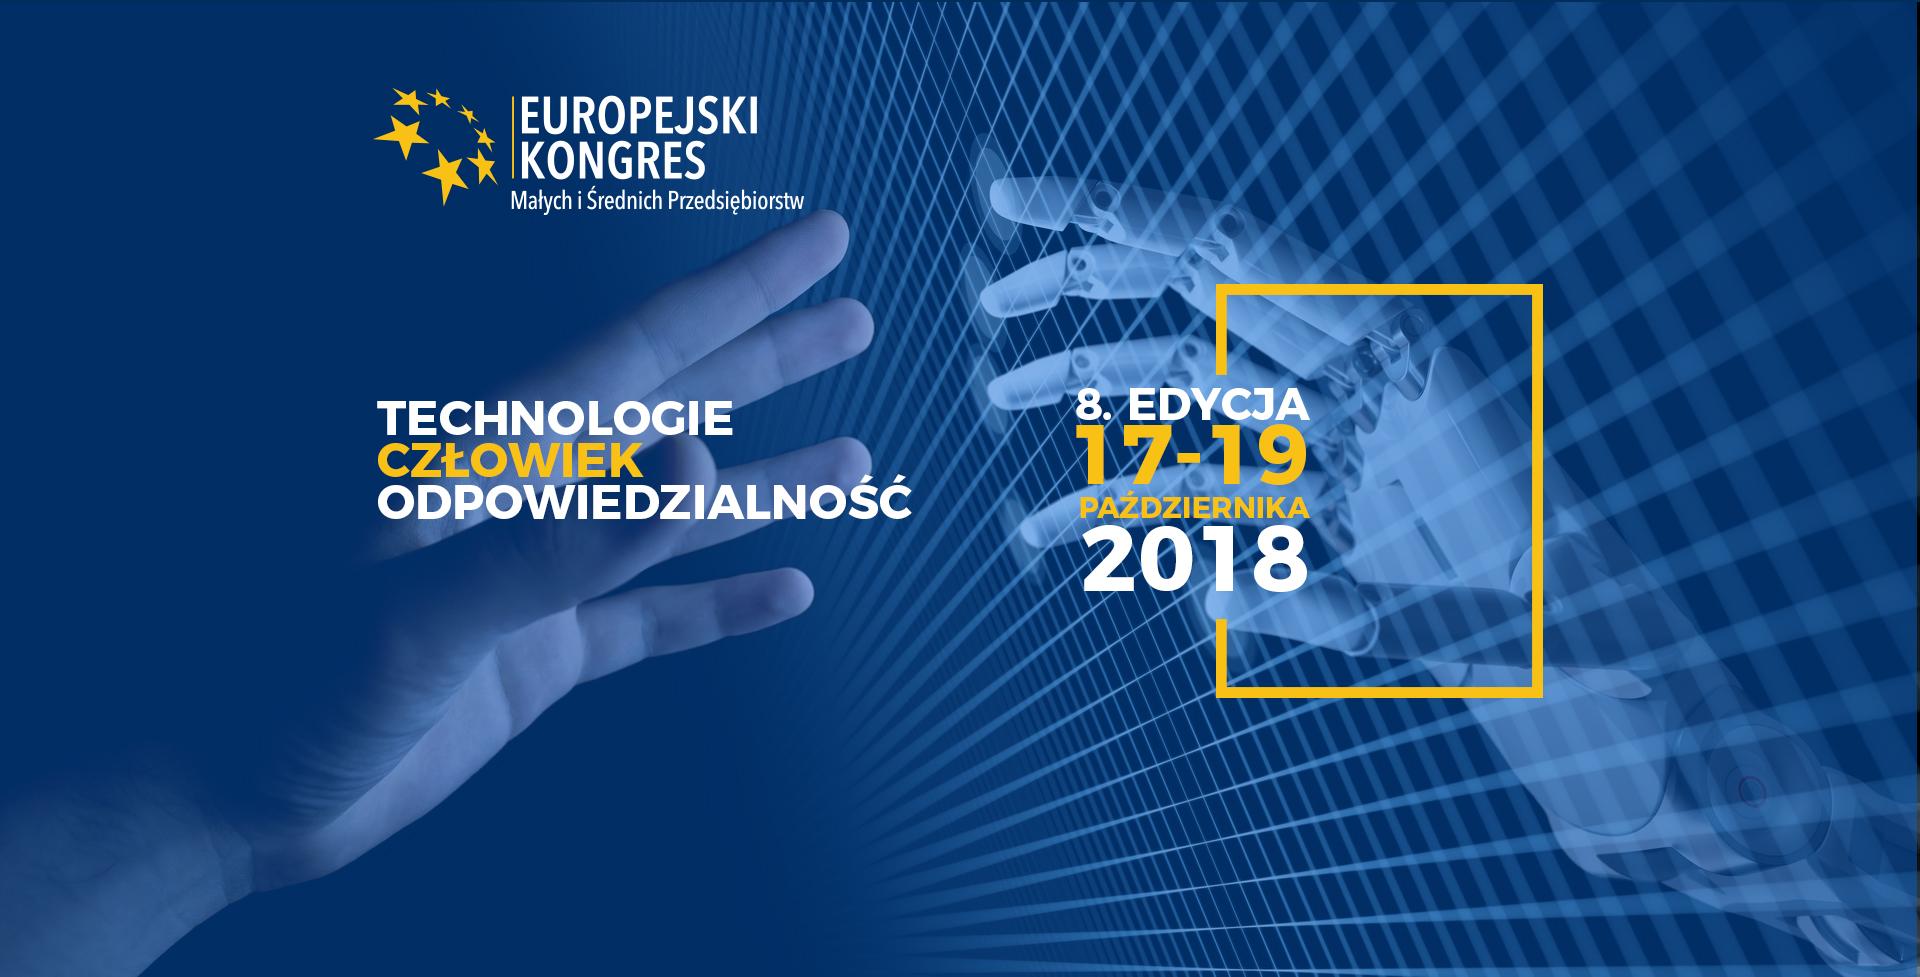 Śląskie Centrum Przedsiębiorczości zaprasza na 8. EUROPEJSKI KONGRES MŚP